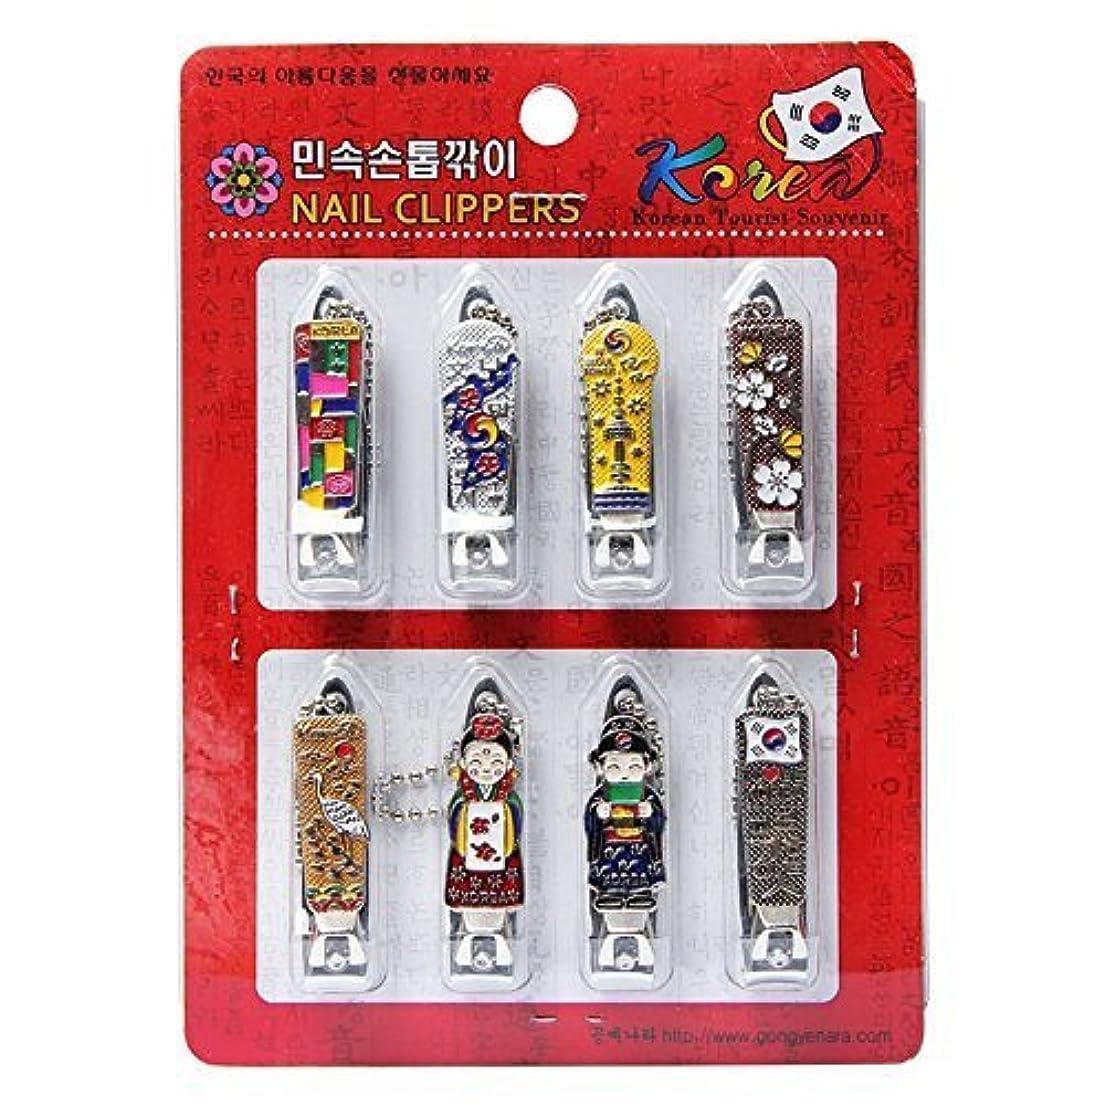 ドーム移民安いですEthnic korea nail clippers 8pcs 家韓国のお土産ギフトで必要 [並行輸入品]